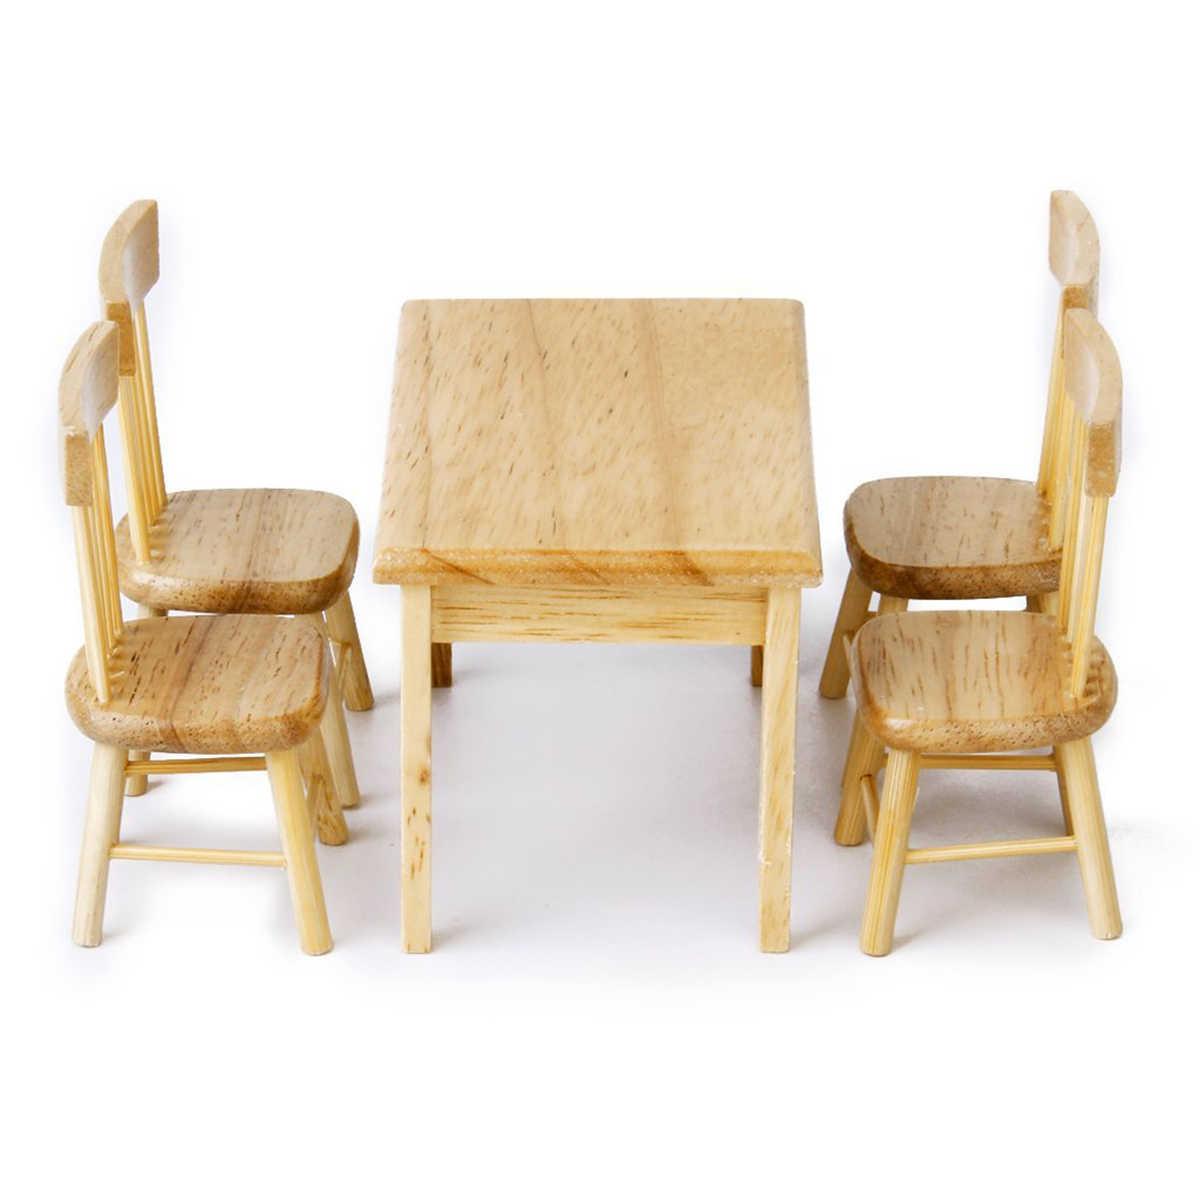 5 шт./компл. 1/12 Dollhouse Миниатюрные столовая стул для столовой комплект деревянной мебели для детей игрушки